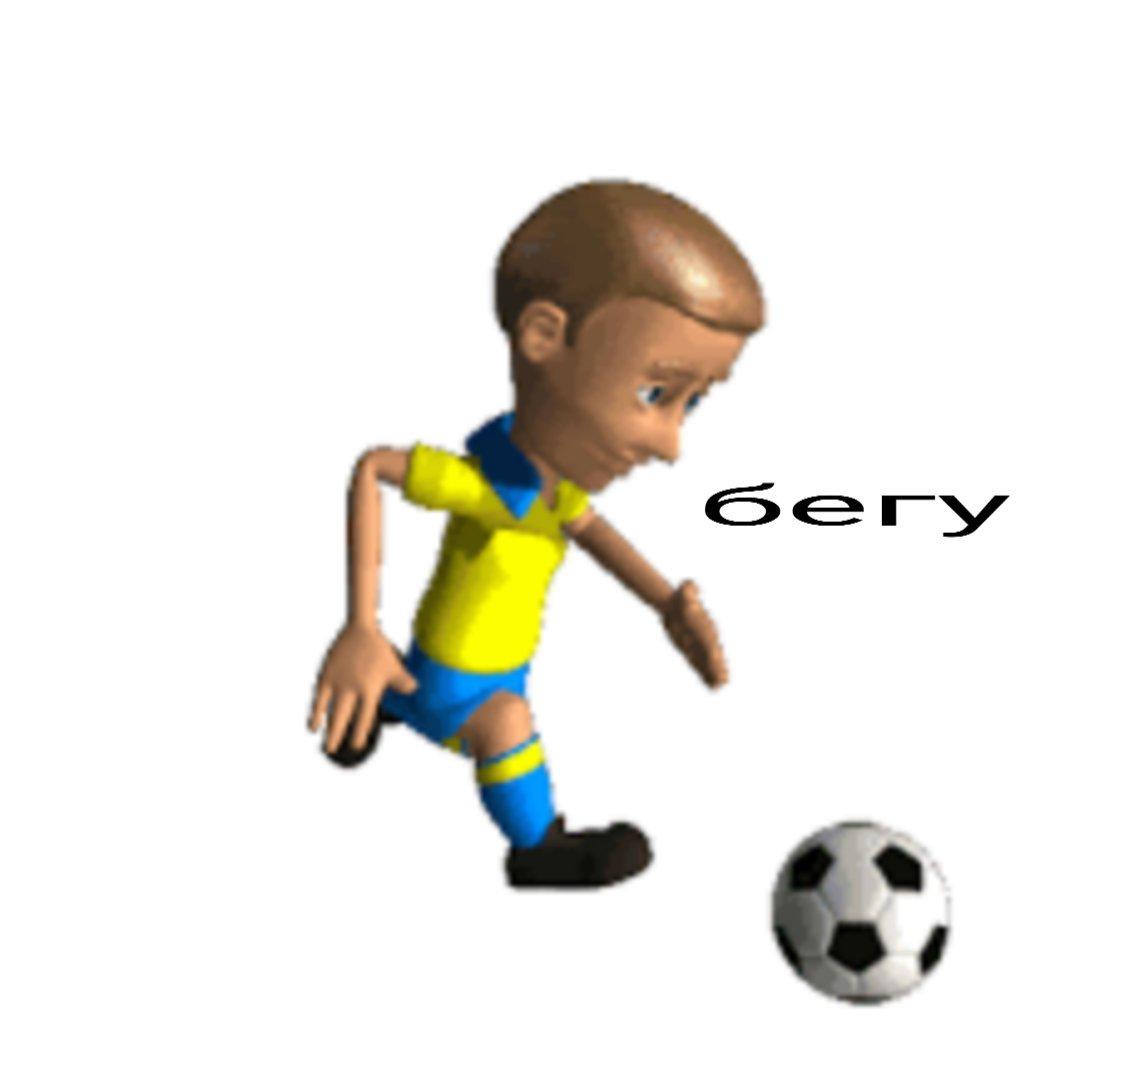 Мальчику лет, картинки анимации для презентации спорт